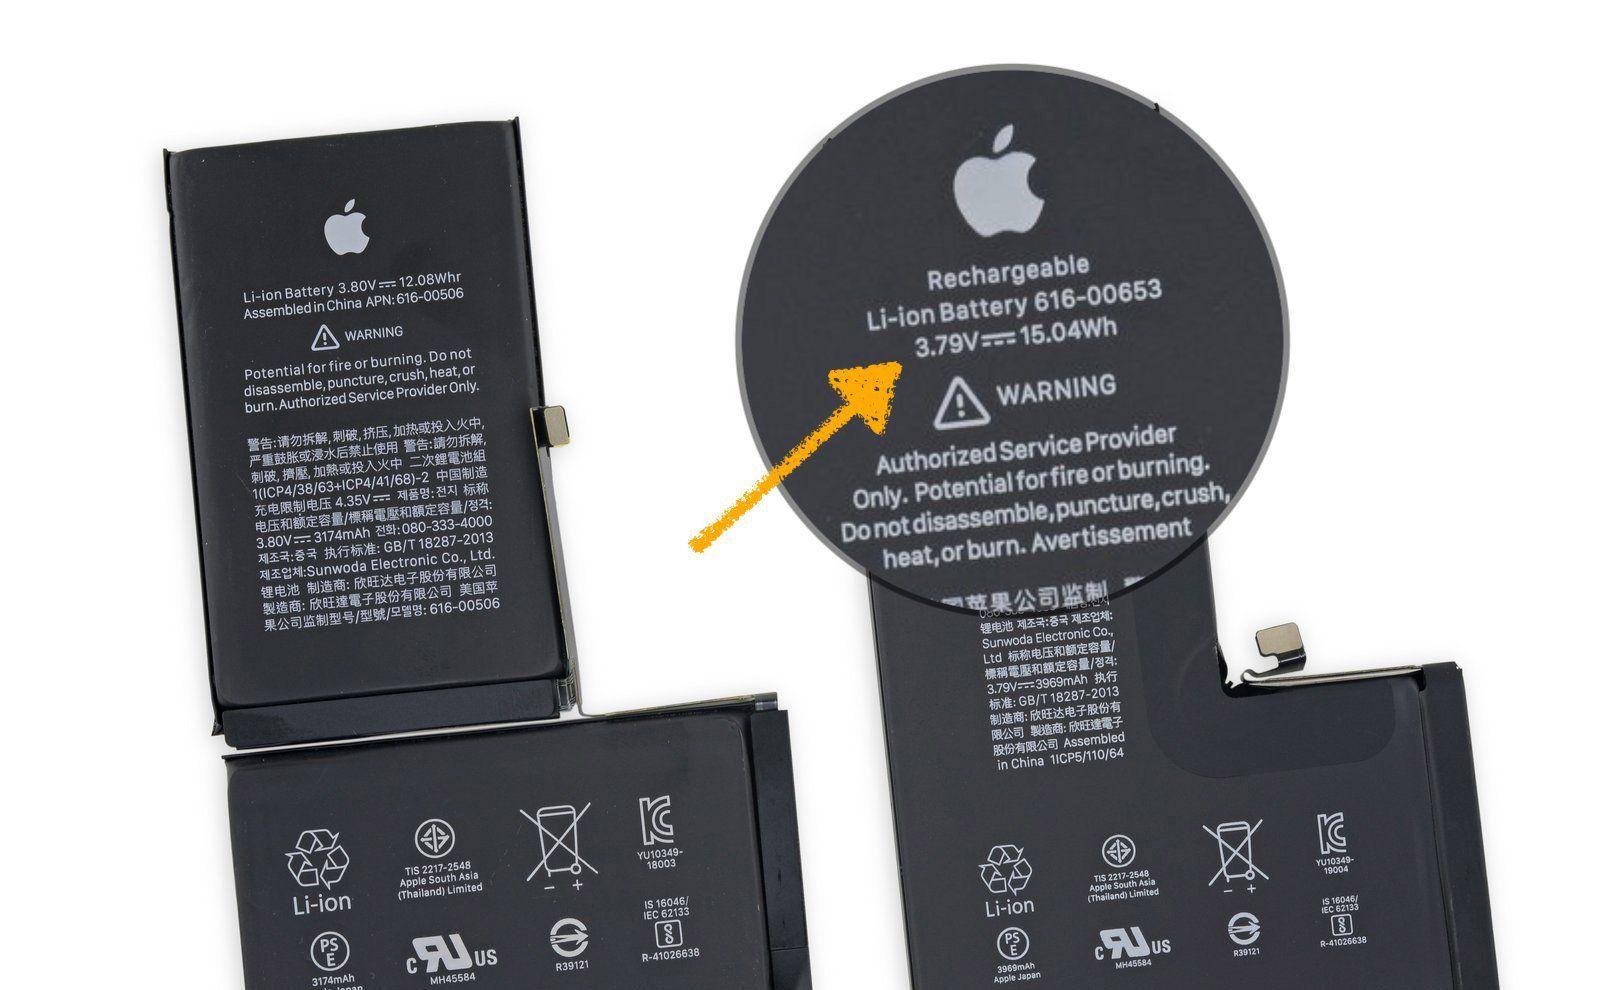 Hiệu điện thế trung bình pin điện thoại thường ở mức 3.7V